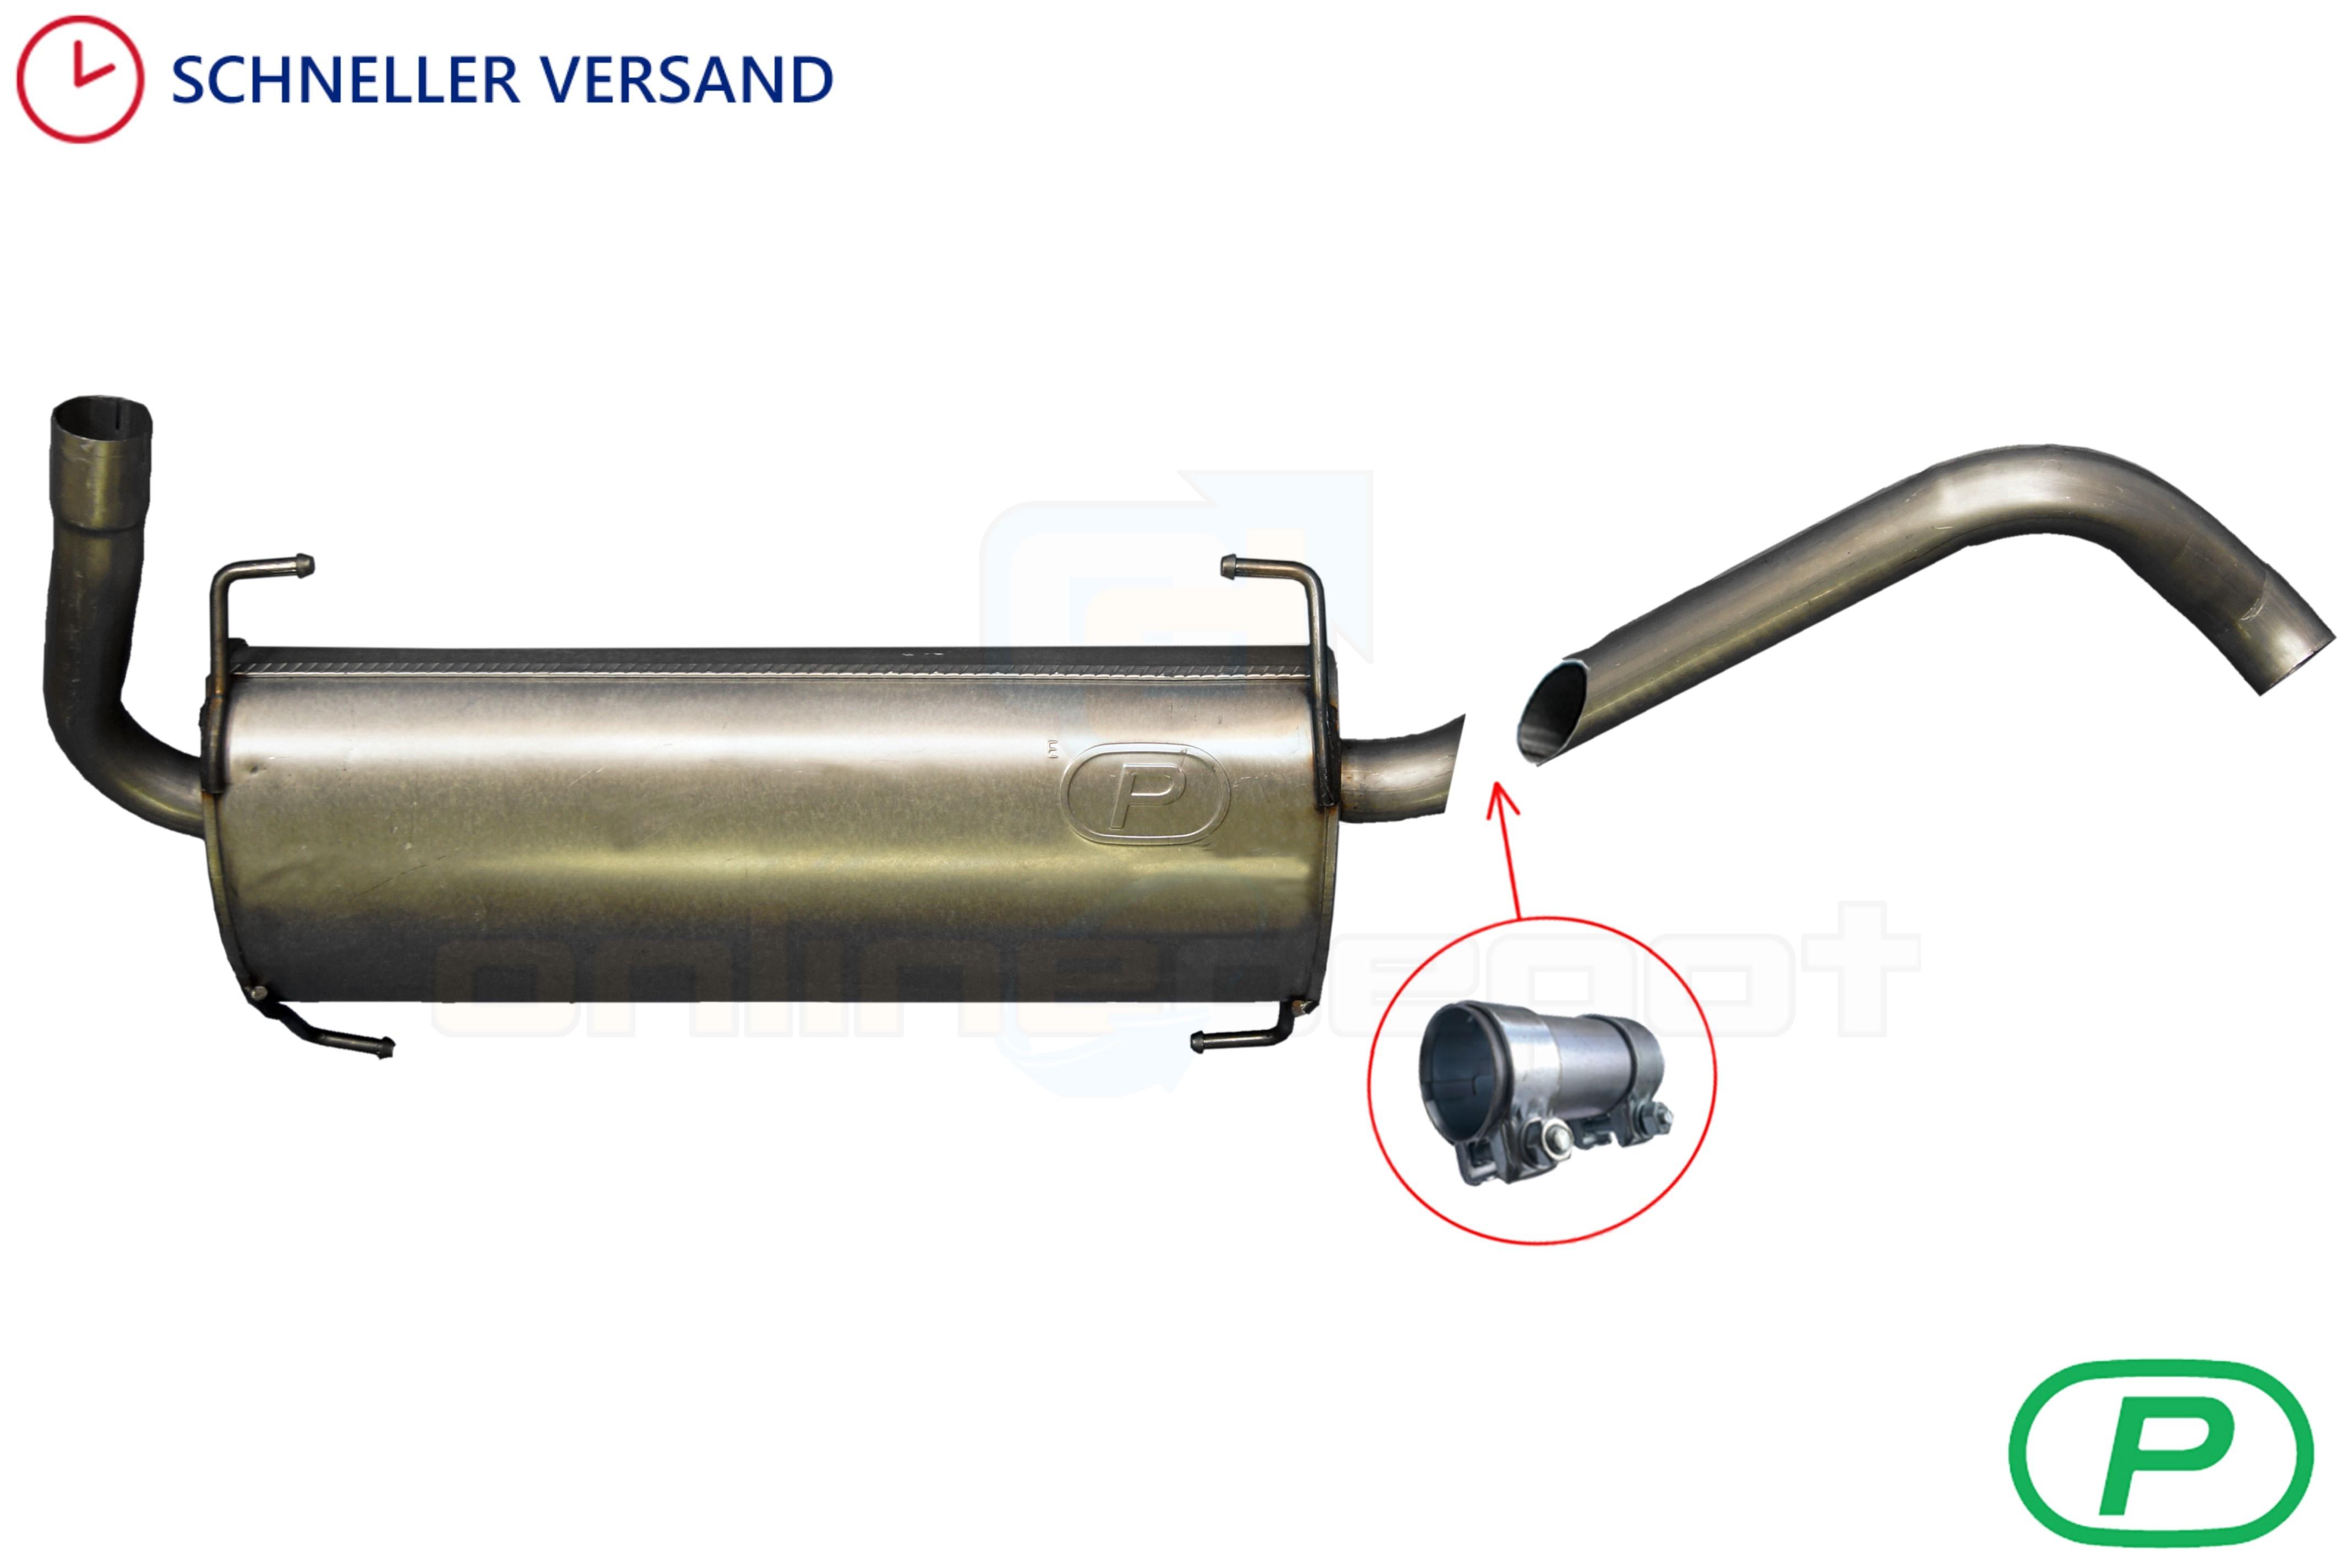 Endschalldämpfer Citroen Jumper III 2.2 HDi 2006-heute Endtopf Auspuff